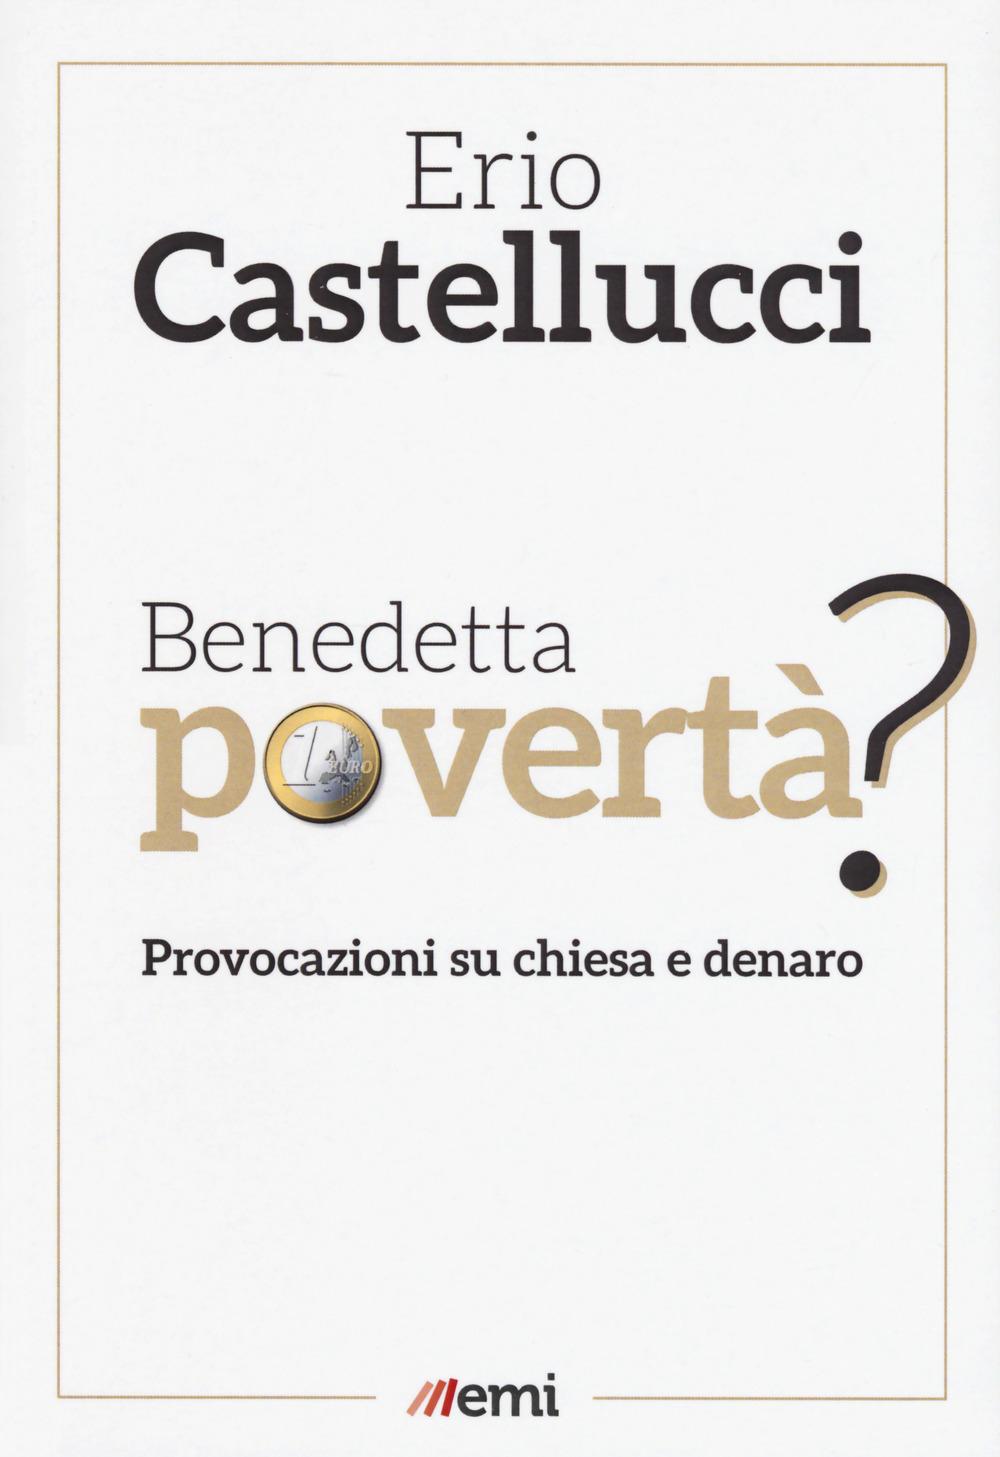 BENEDETTA POVERTÀ. PROVOCAZIONI SU CHIESA E DENARO - Castellucci Erio - 9788830724945